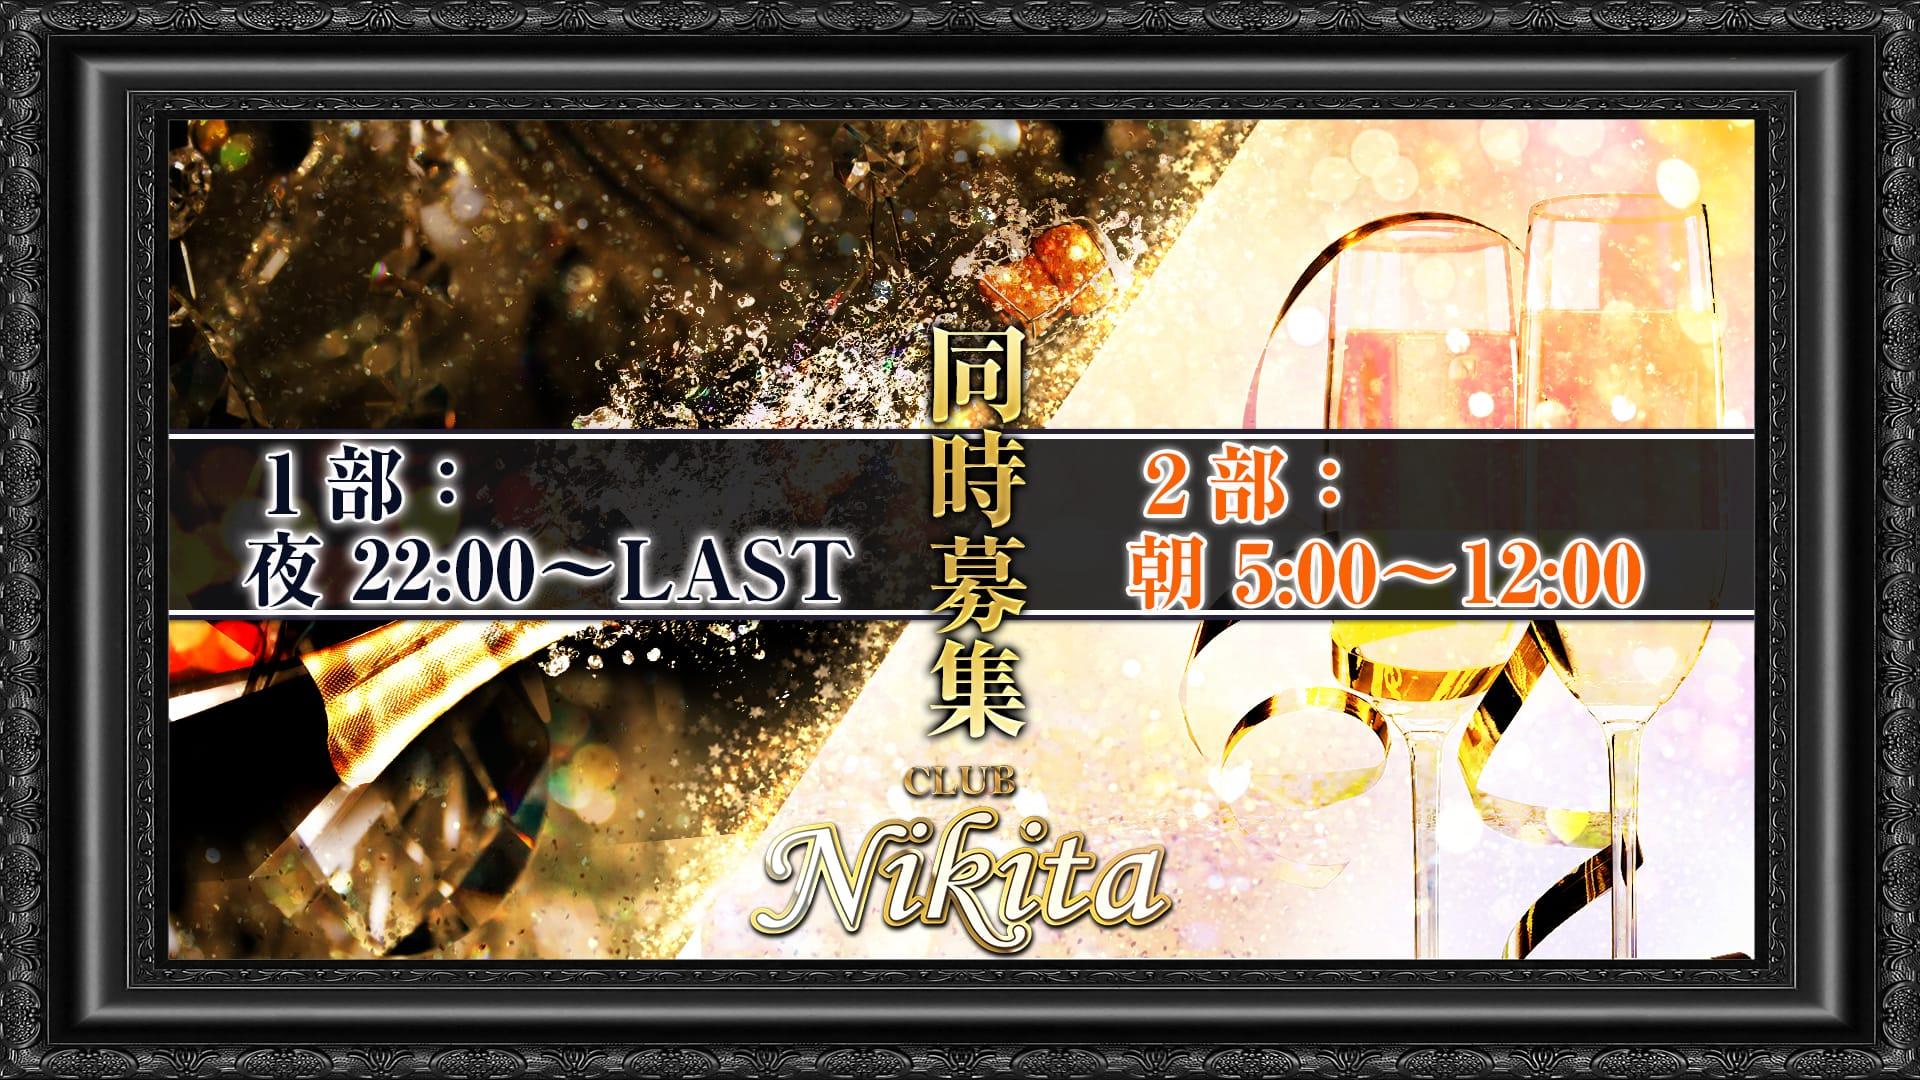 【朝・夜】Club Nikita(ニキータ) 千葉昼キャバ・朝キャバ TOP画像